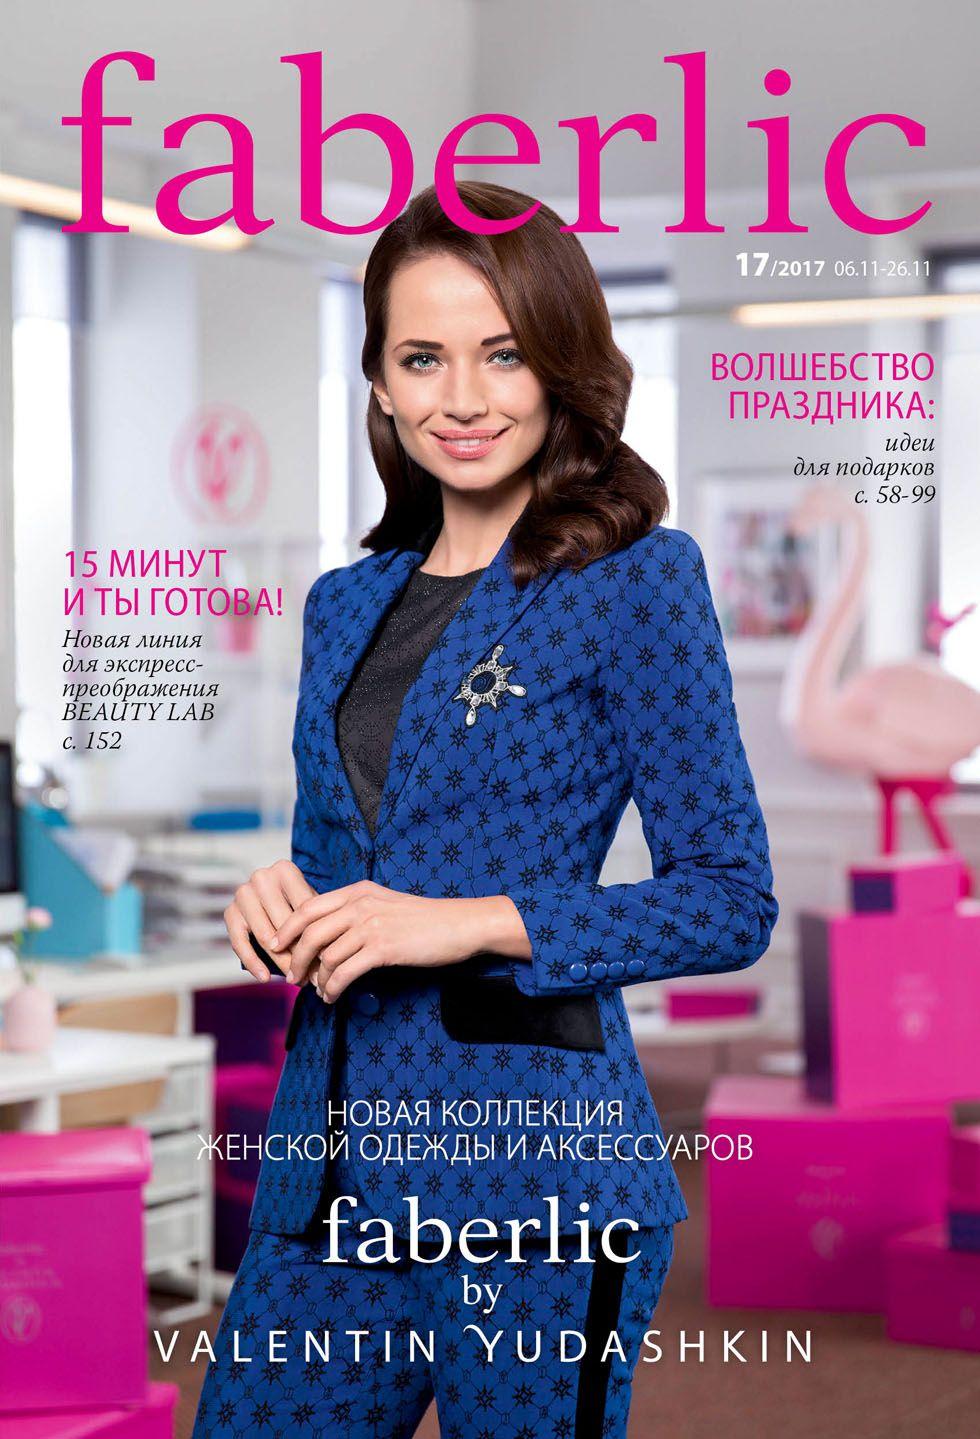 Юдашкин новая коллекция 2017 работа девушкам в стерлитамаке